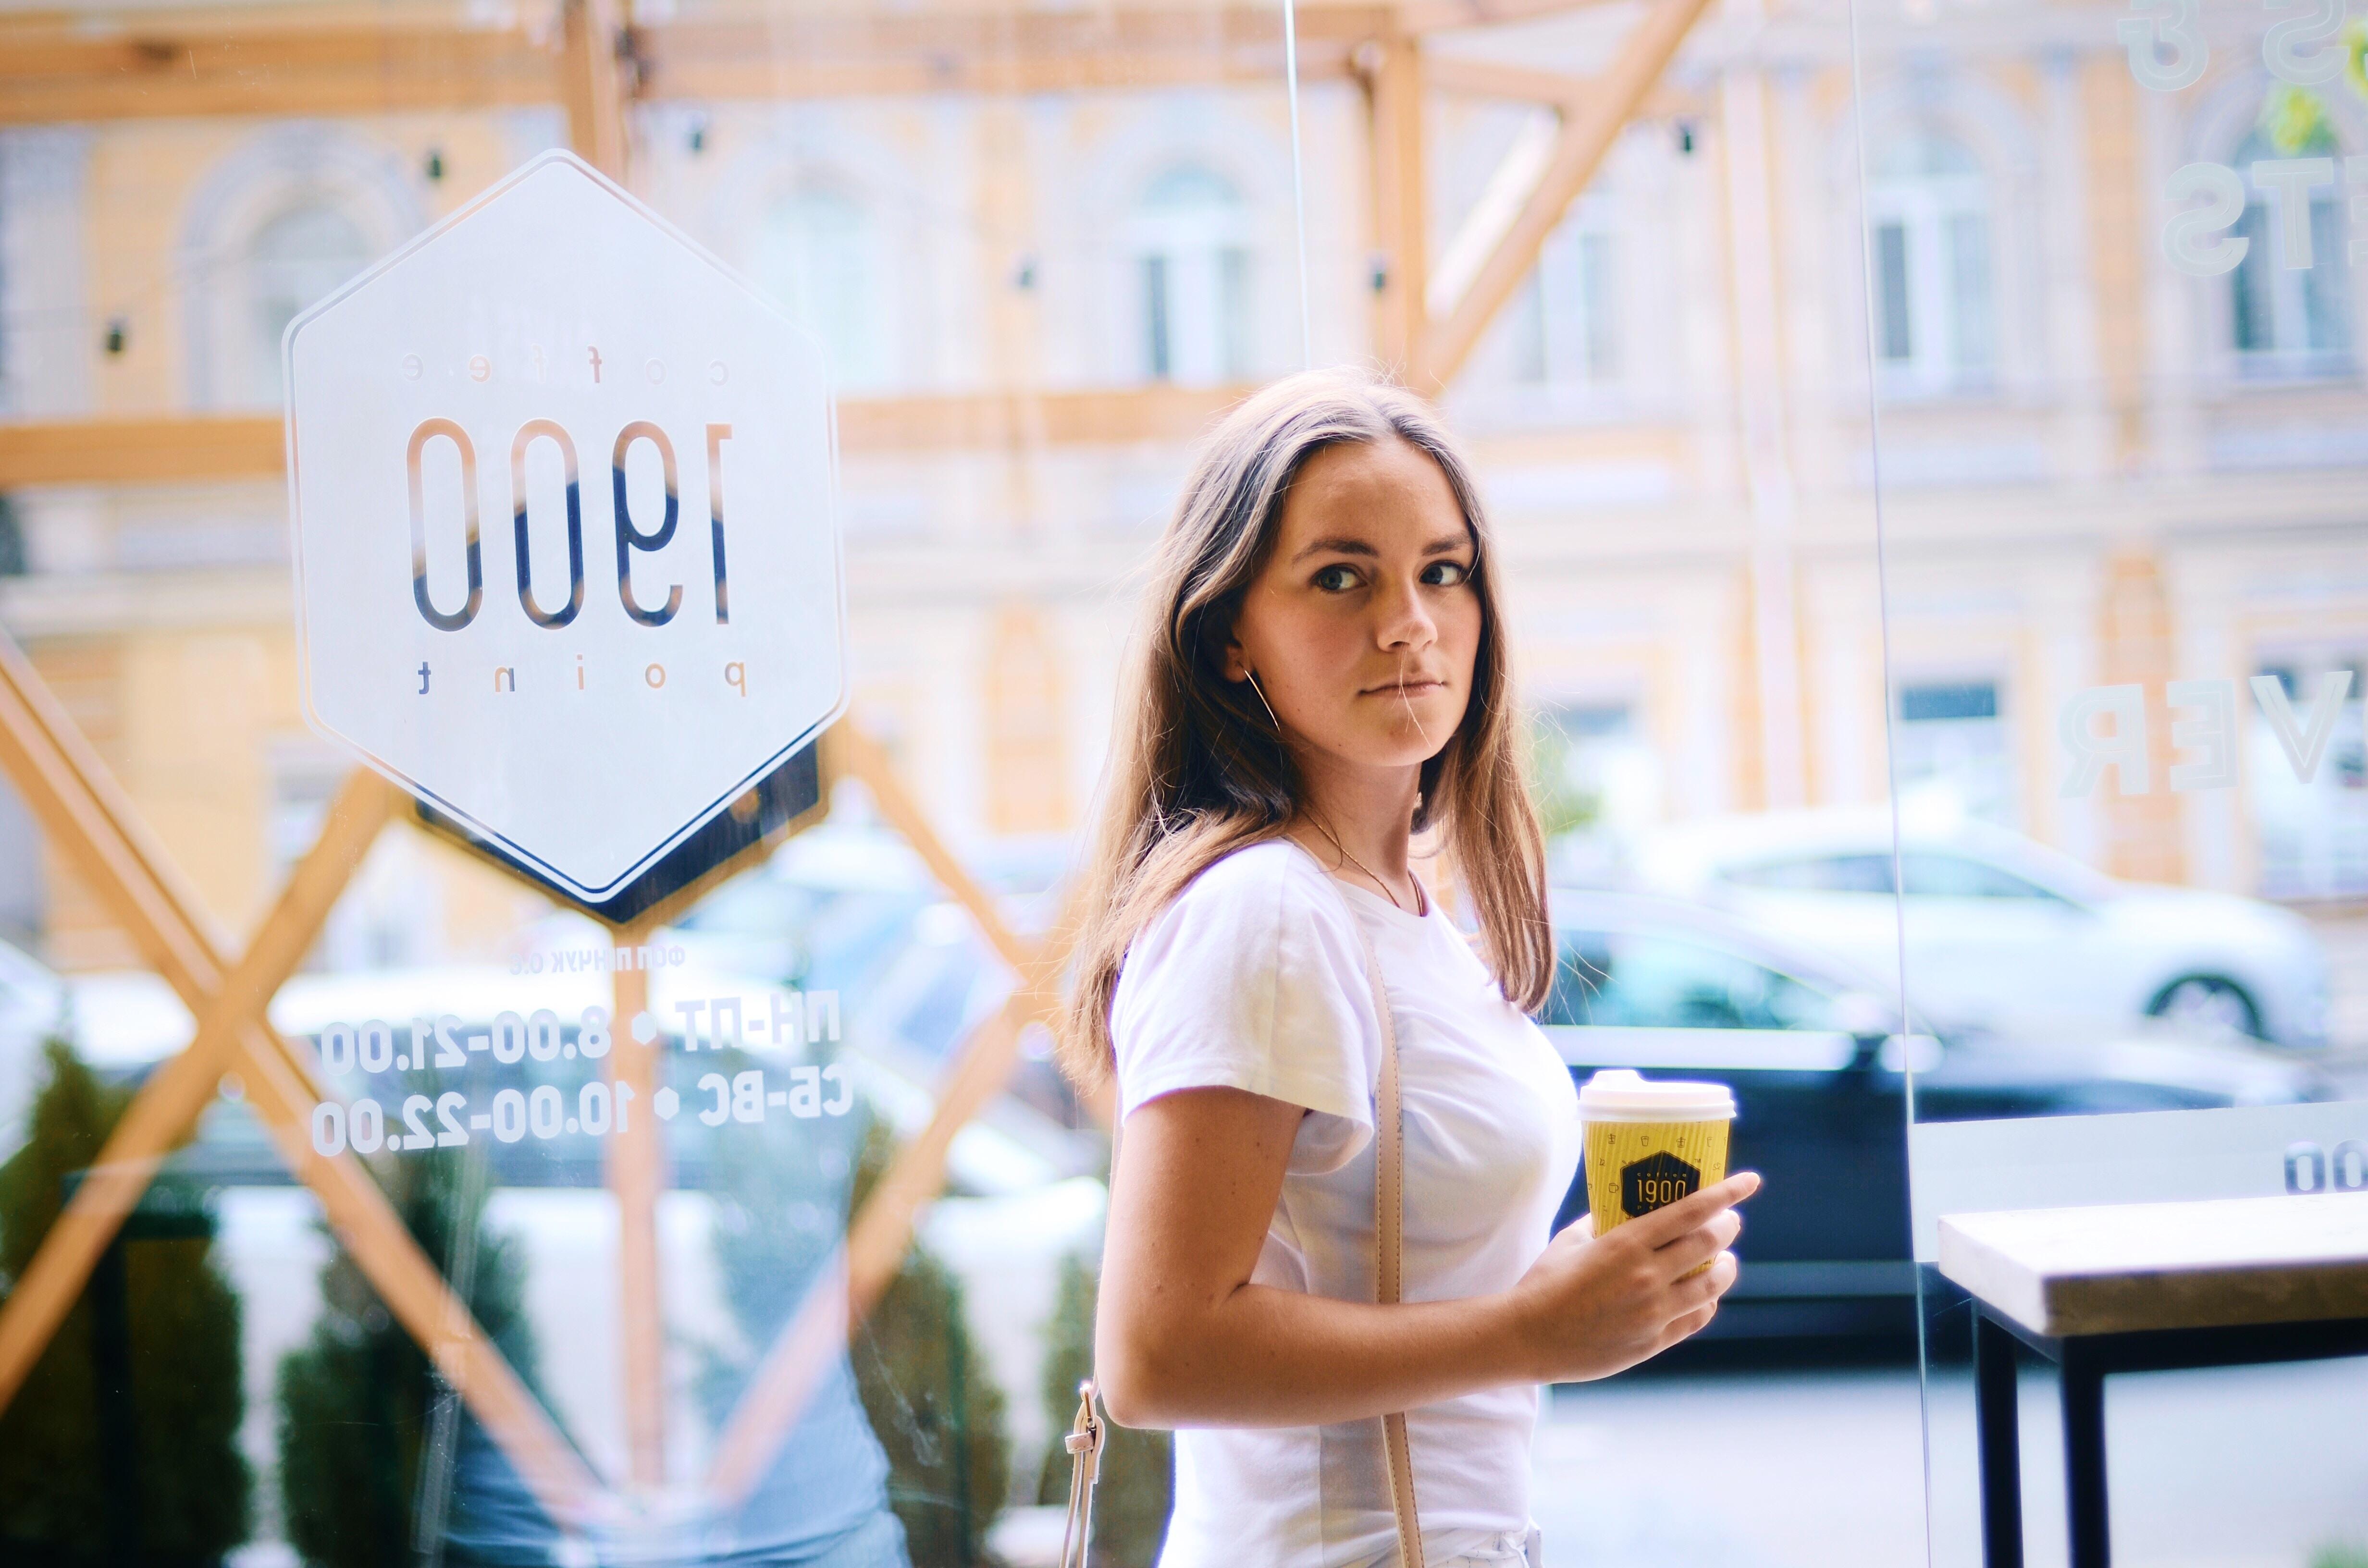 woman standing near door